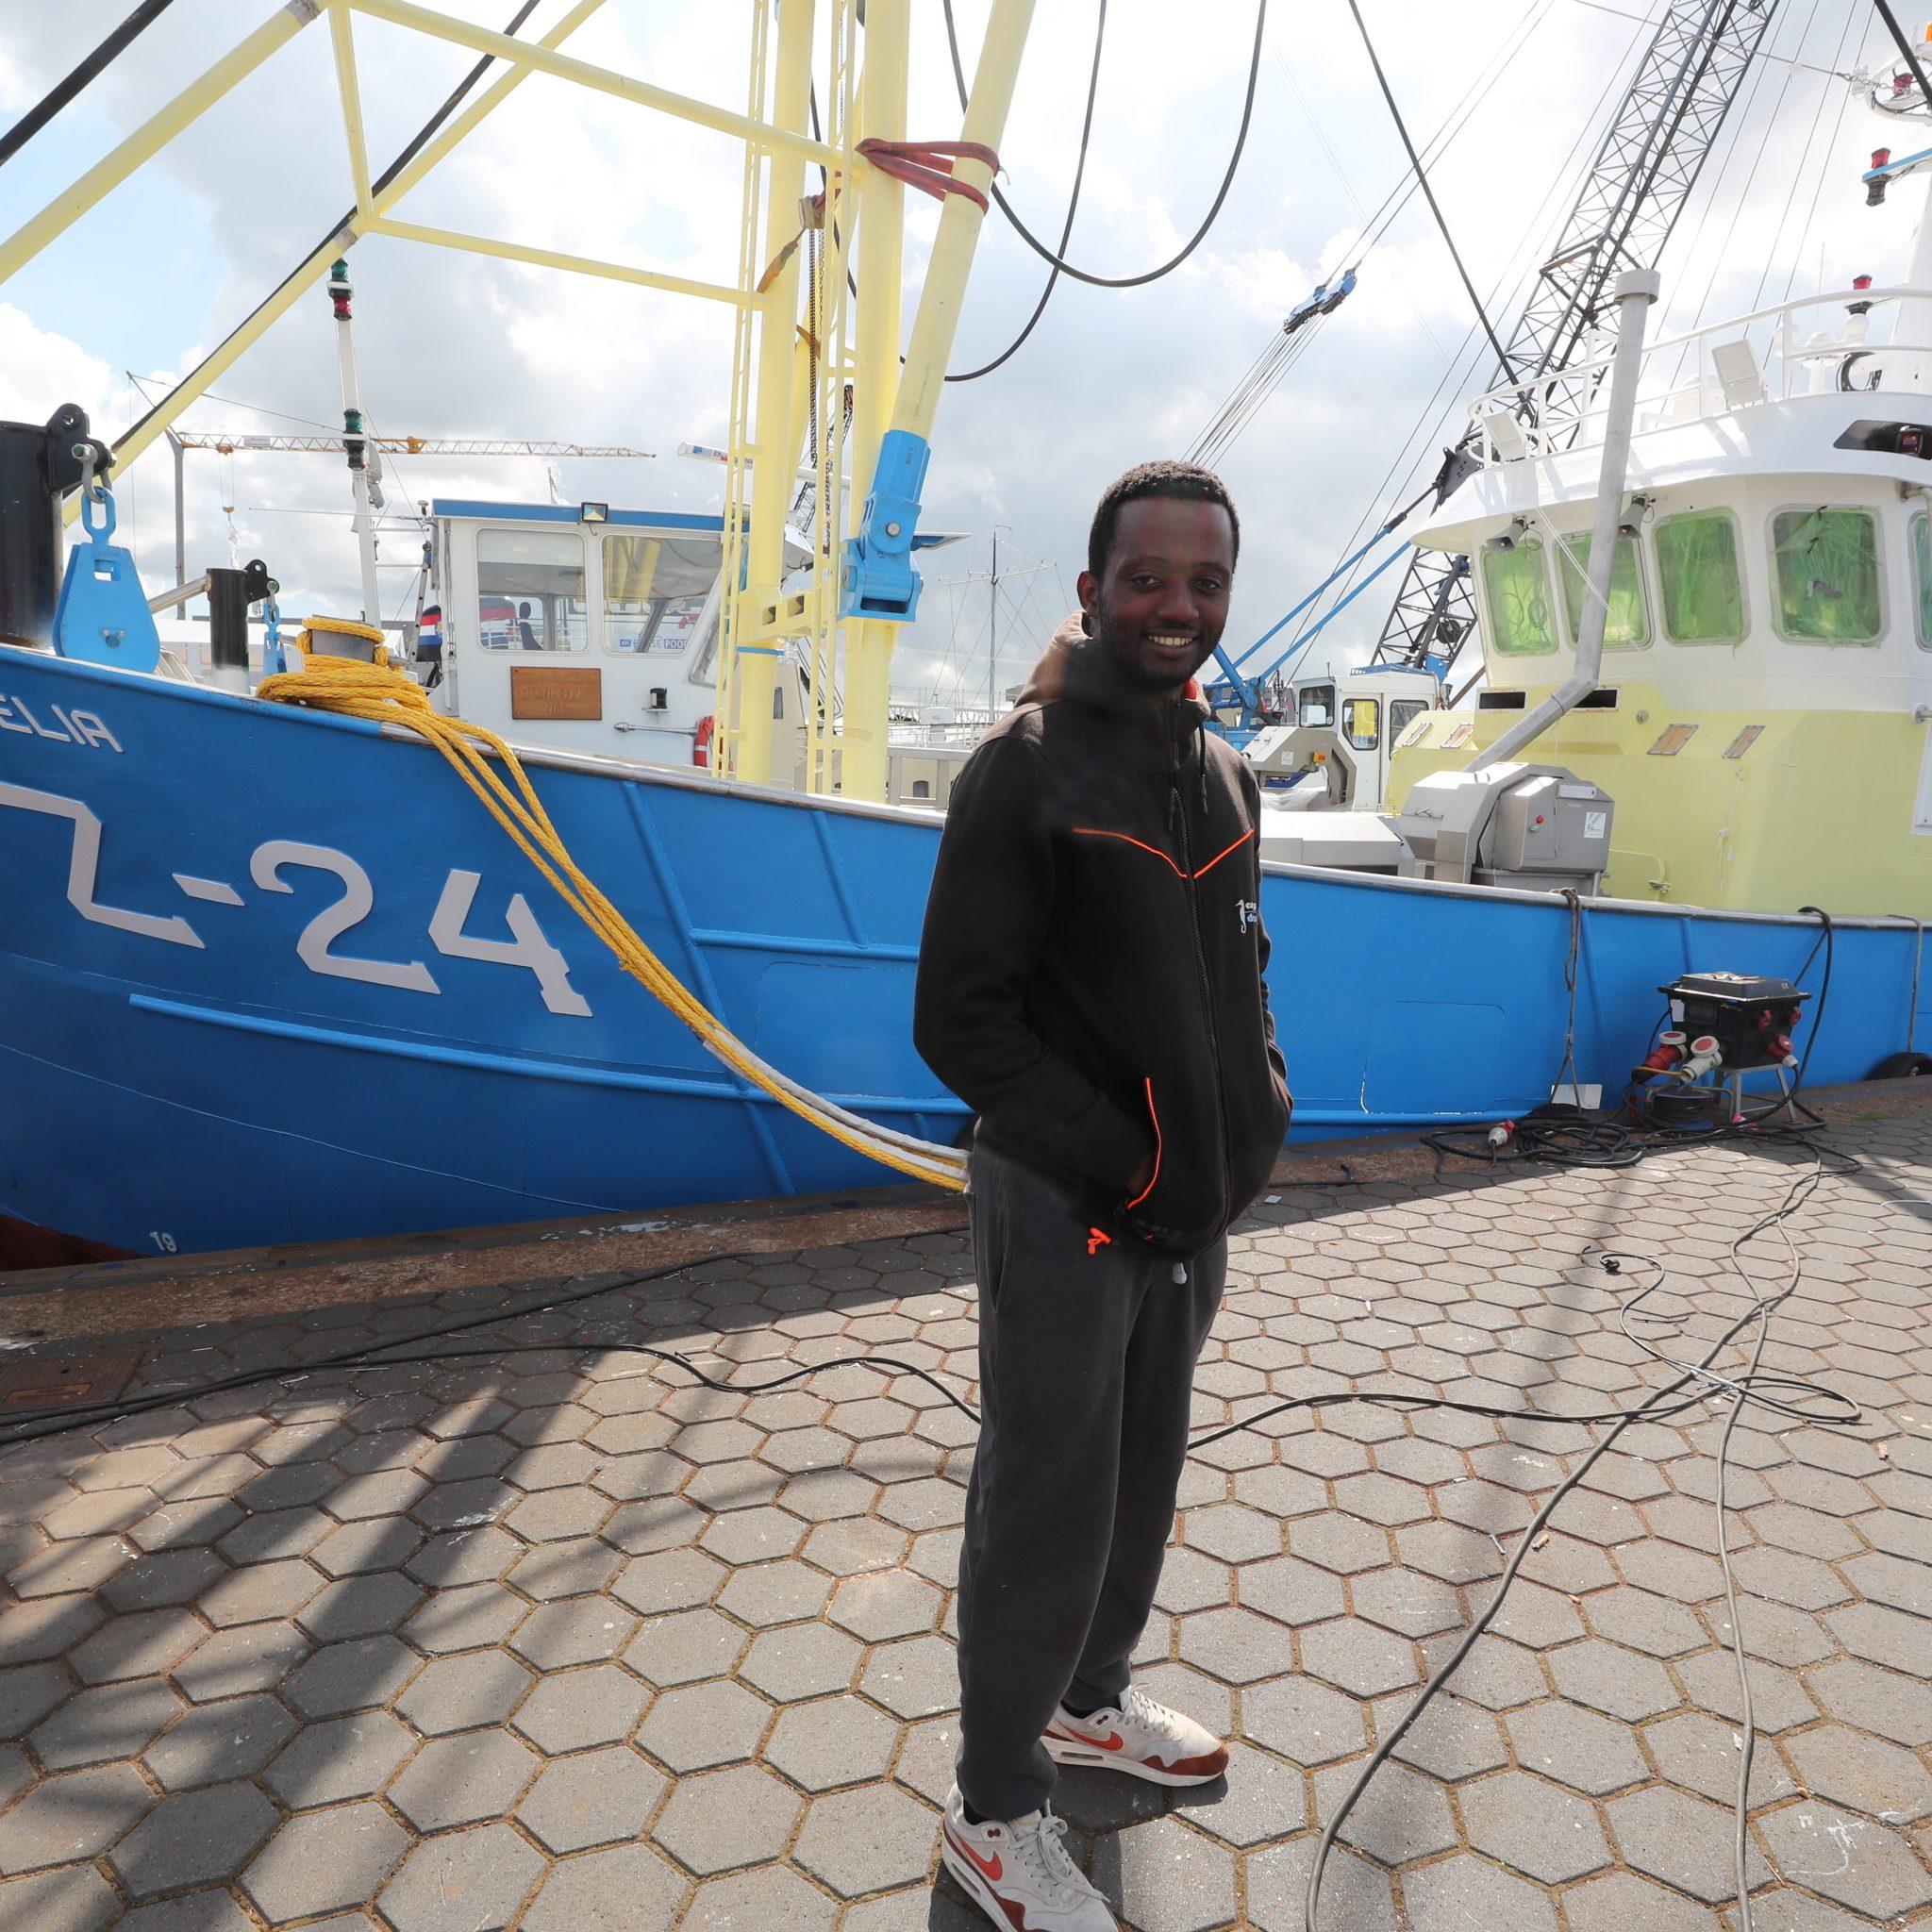 De trotse Stephane Vedelaar voor zijn nieuwe kotter in de haven van Urk. (Foto's Bram Pronk)